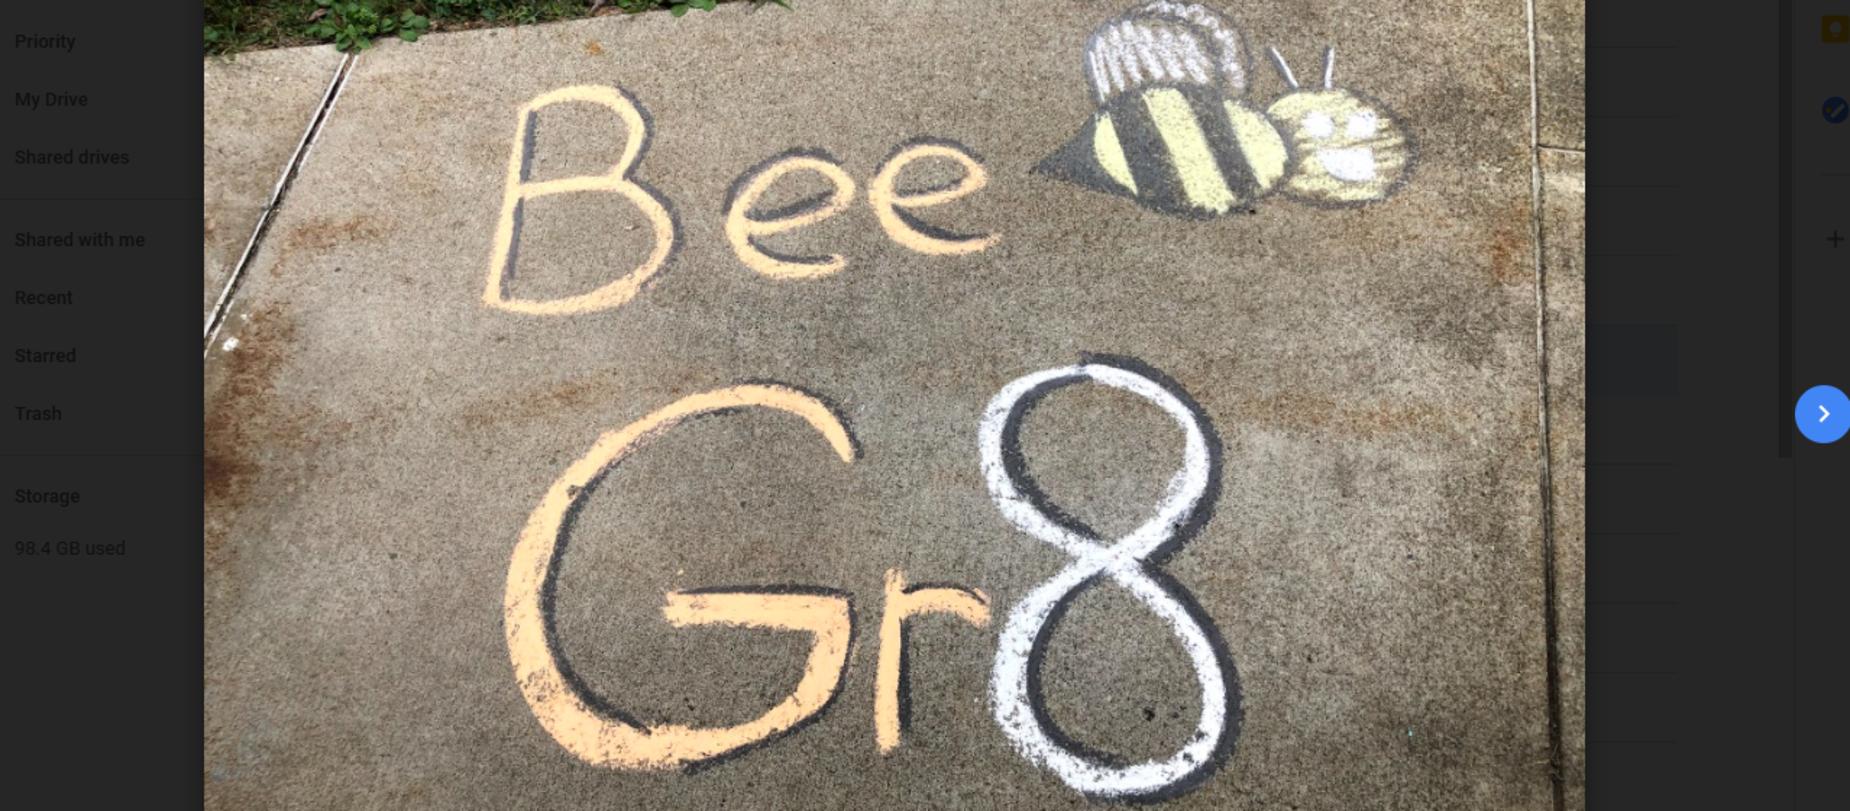 Bee Gr8